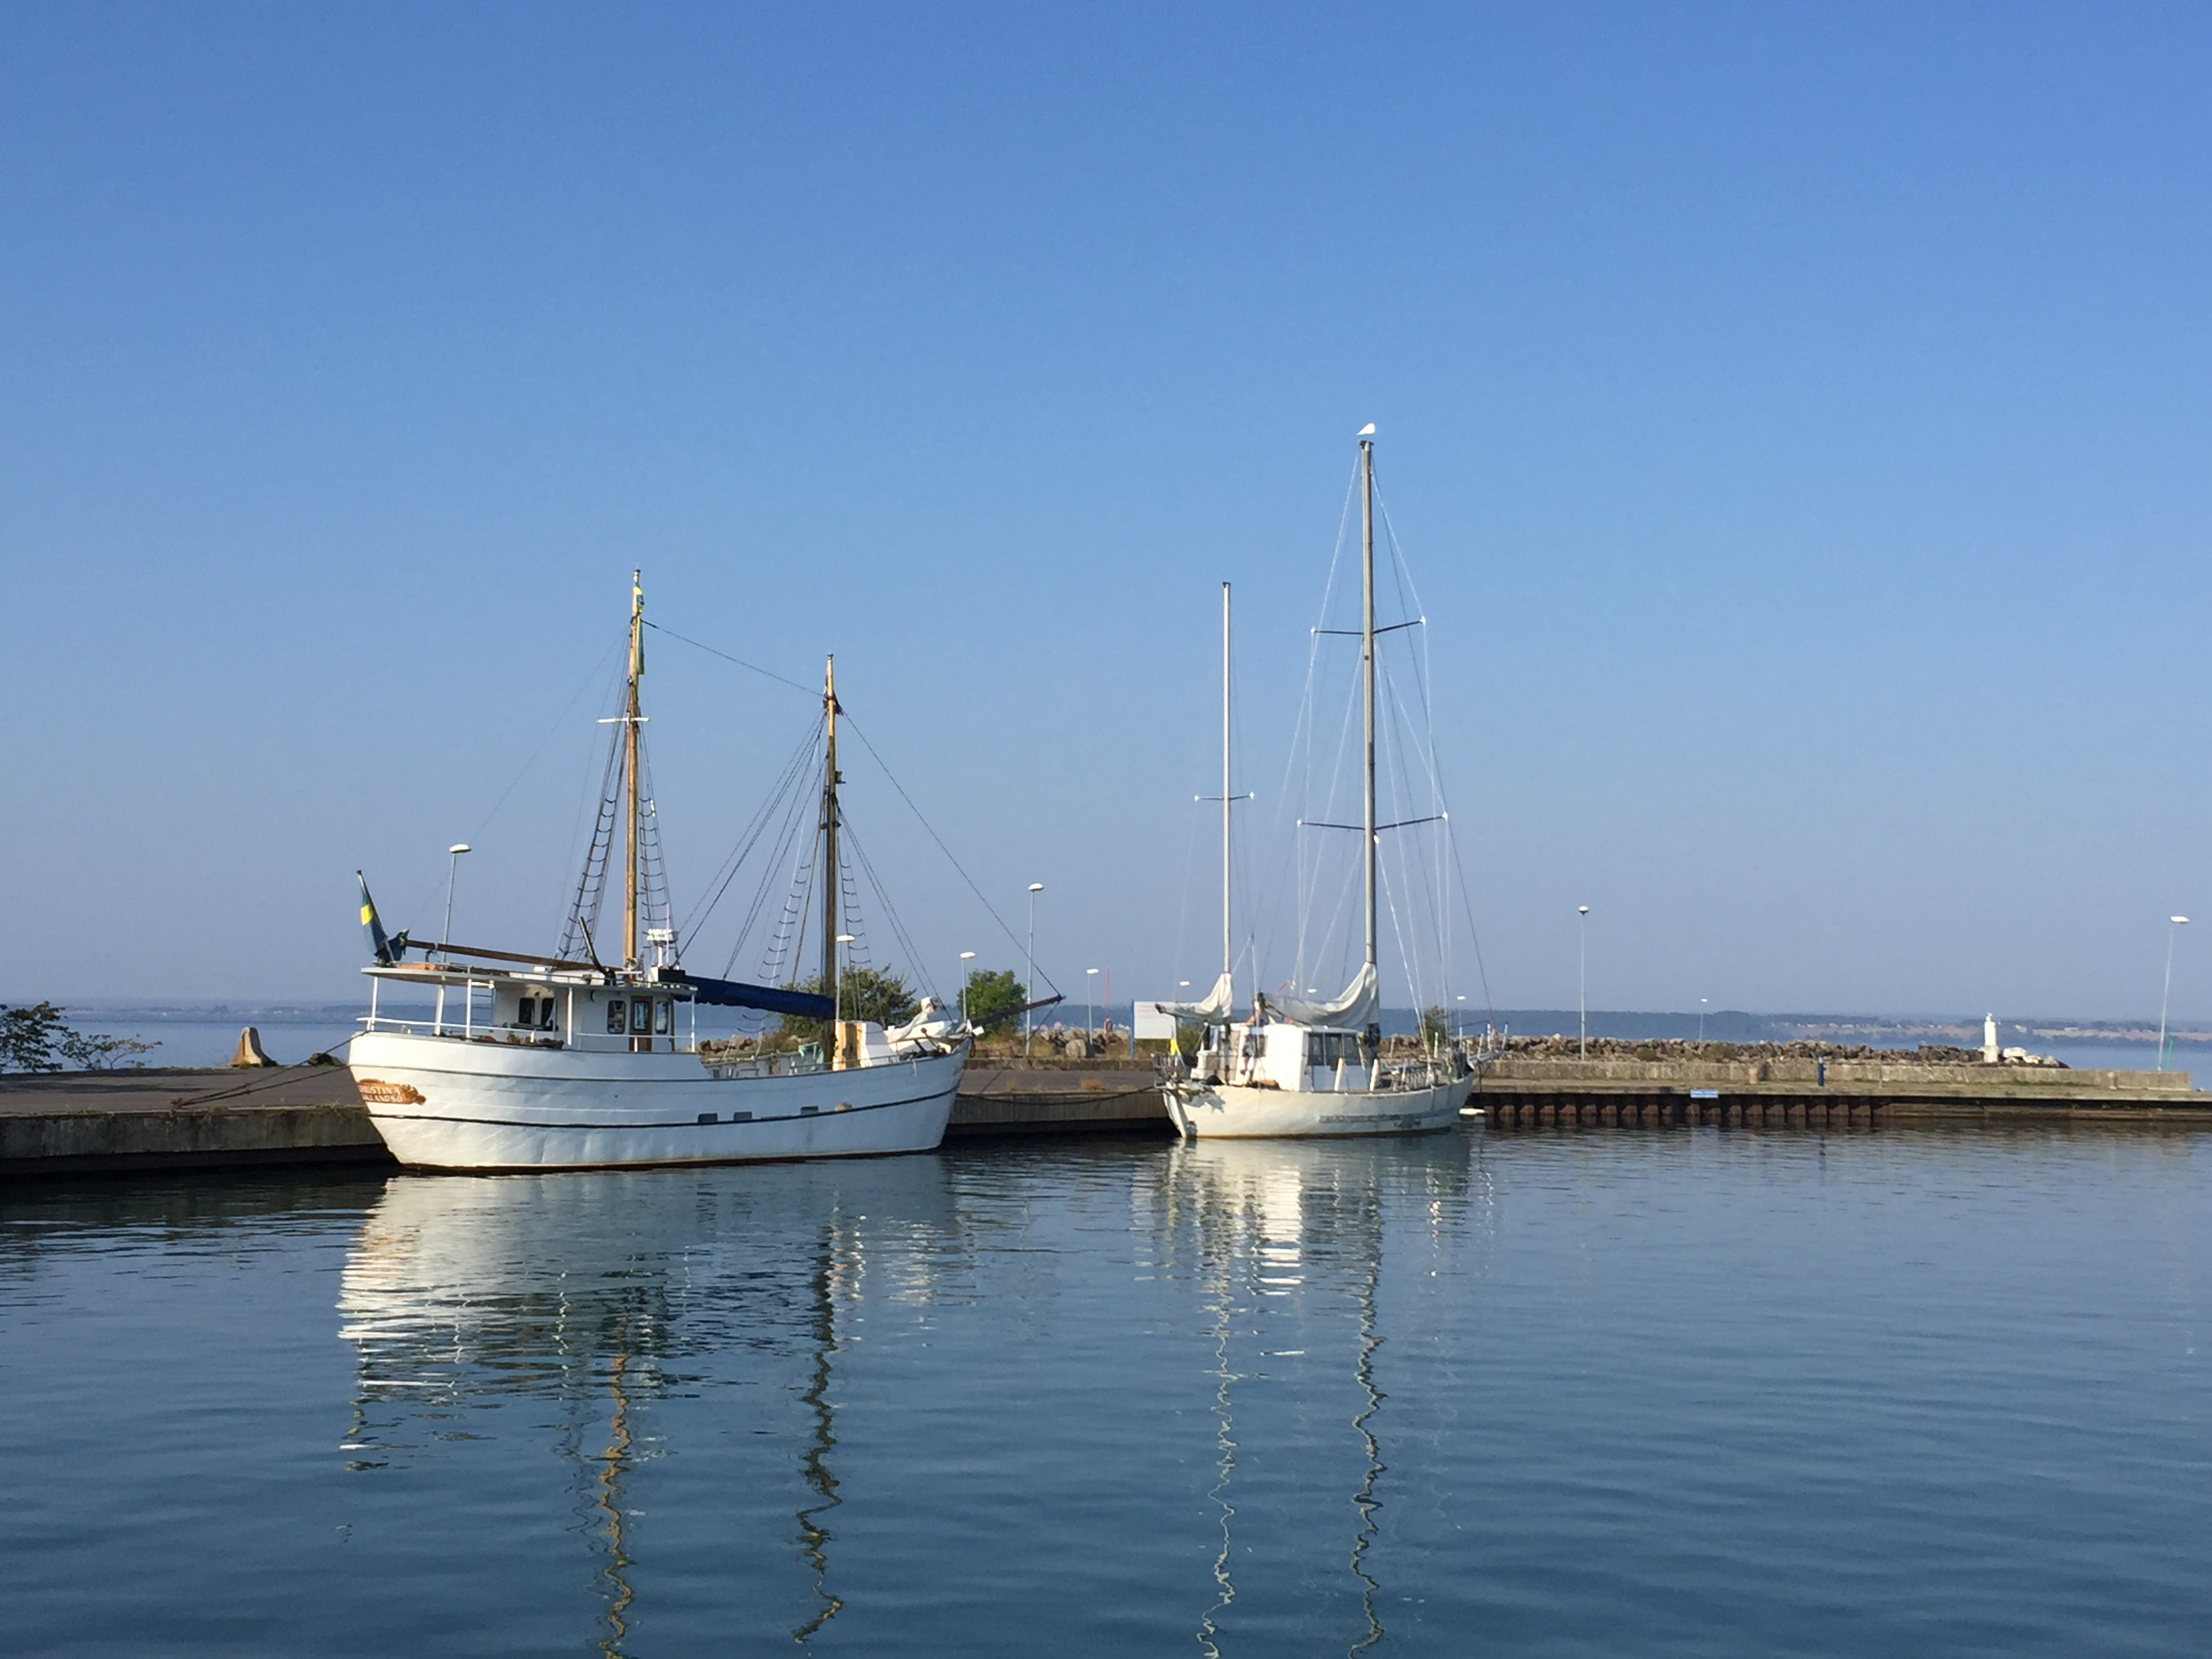 Välkomna till Hamnens Dag i vackra Gränna hamn den 29 juli 2017! Sponsras av Gränna Hamnbolag AB